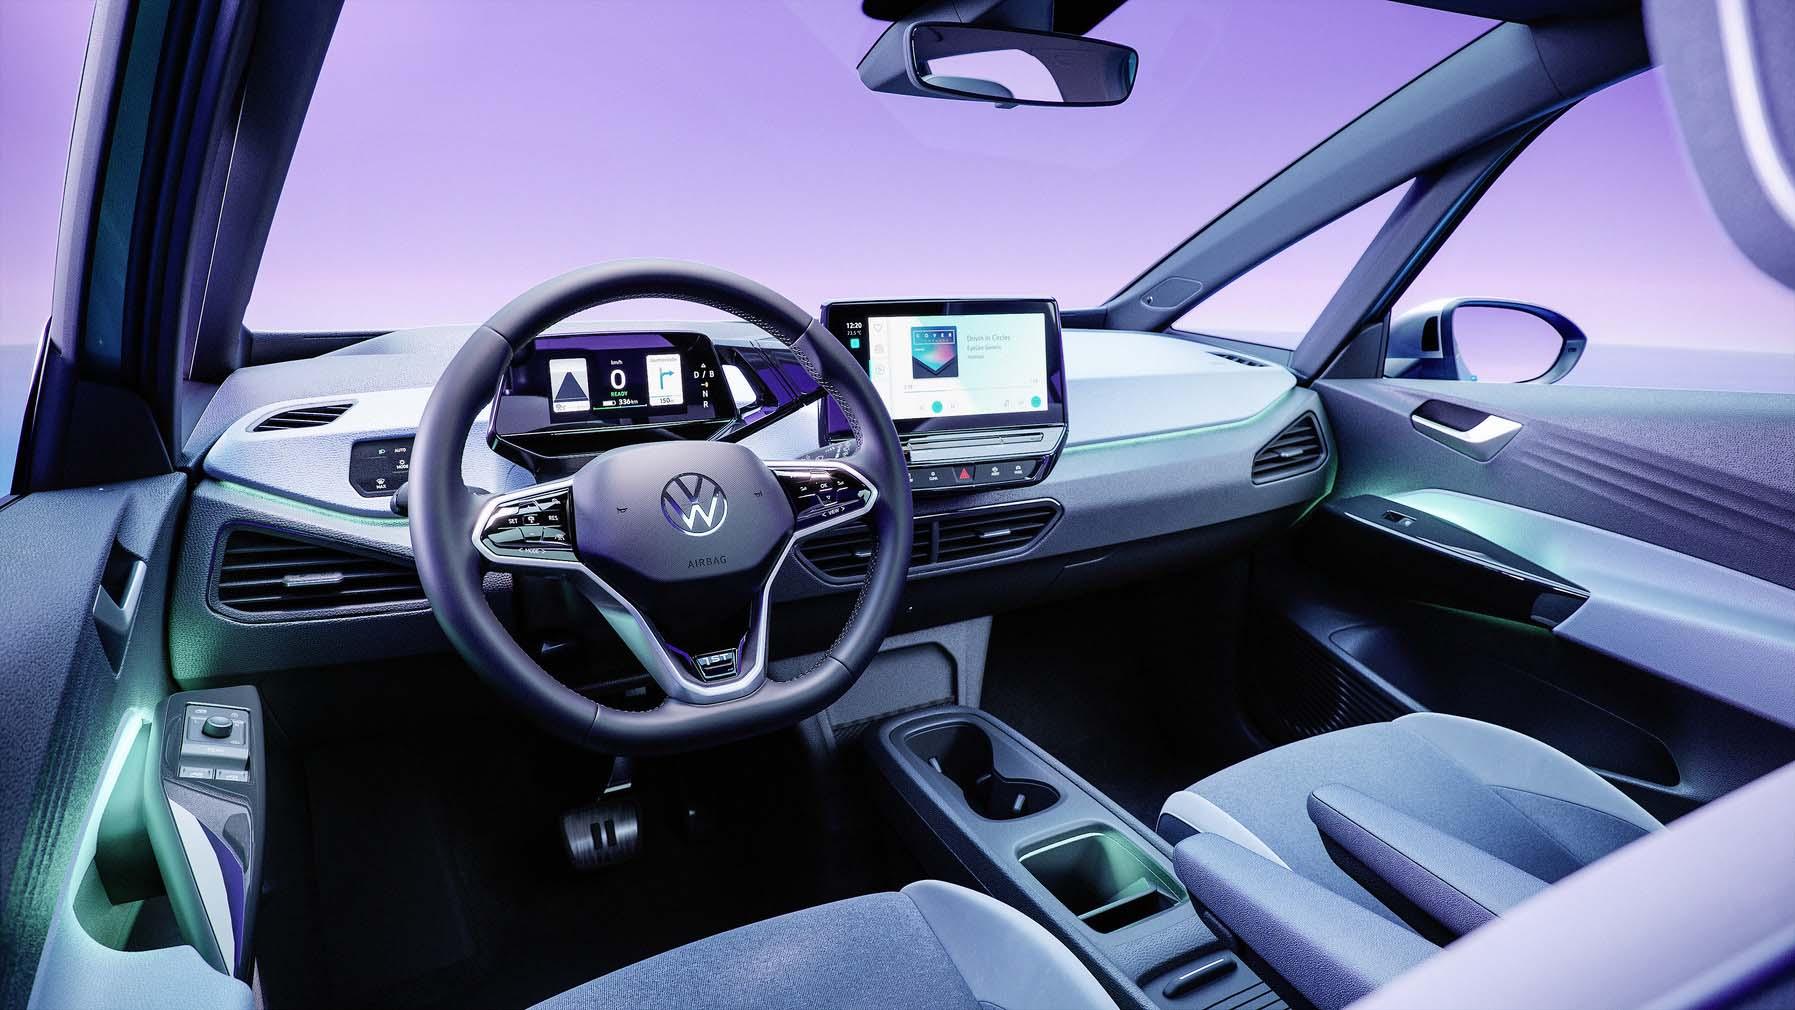 L'intérieur souligne l'engagement de VW envers la numérisation